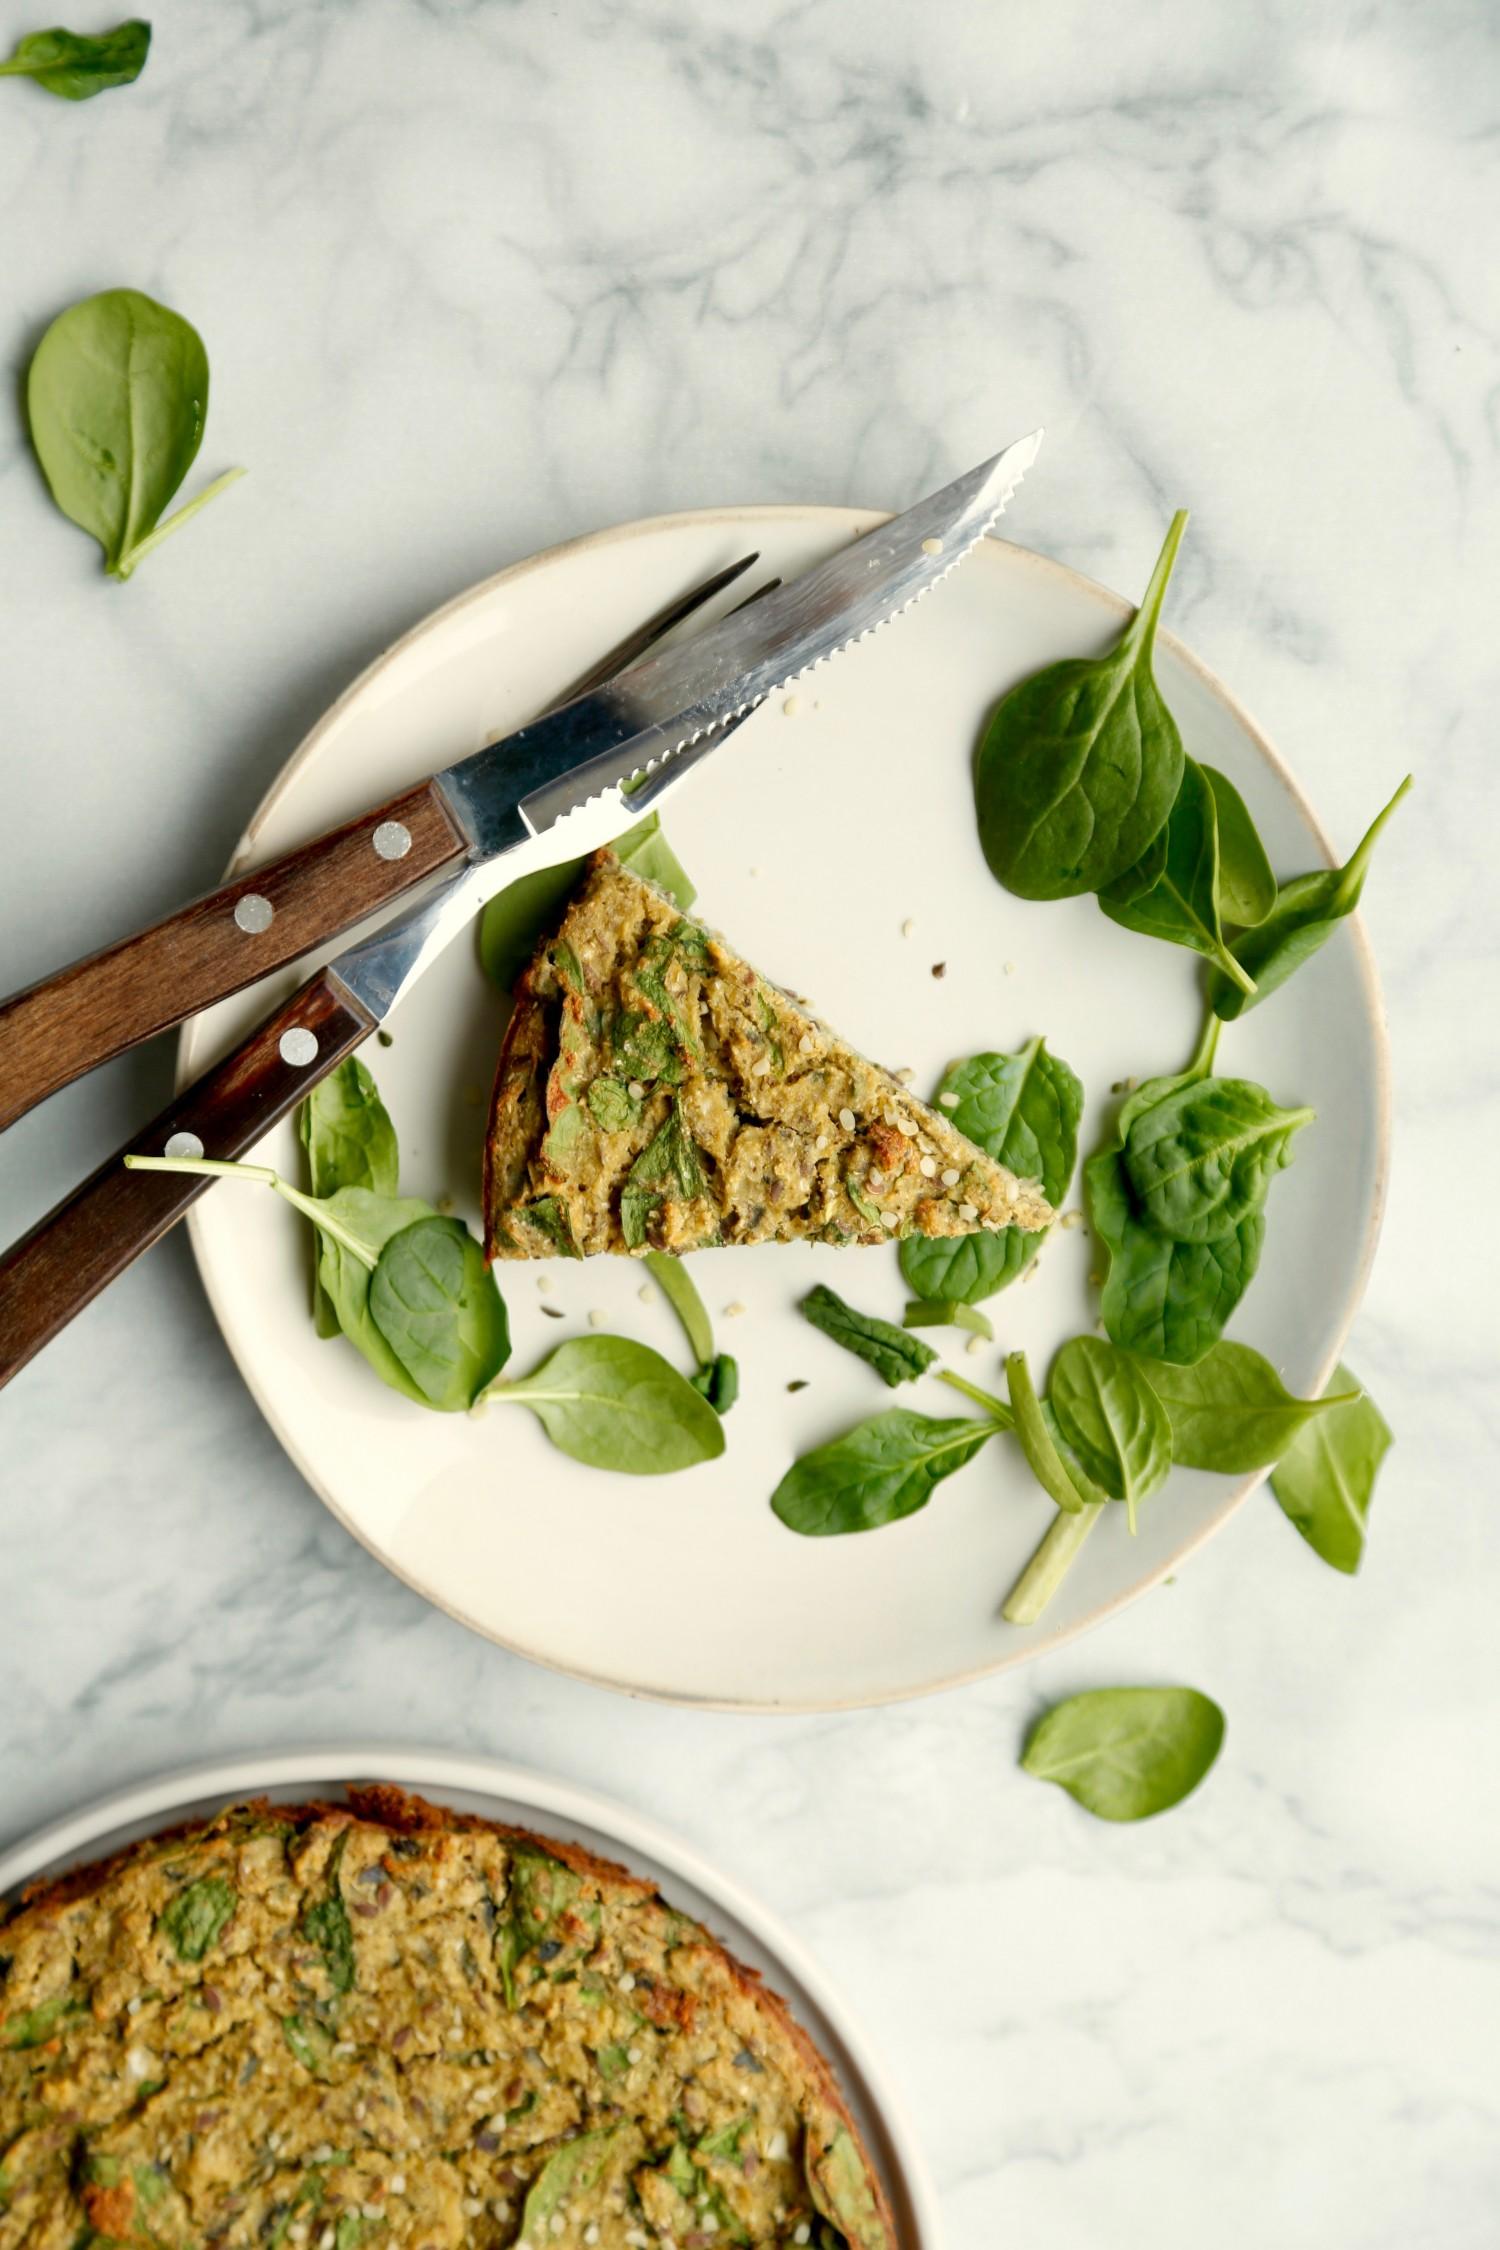 vegansk-taerte-med-blomkaal-og-spinat-glutenfri-2